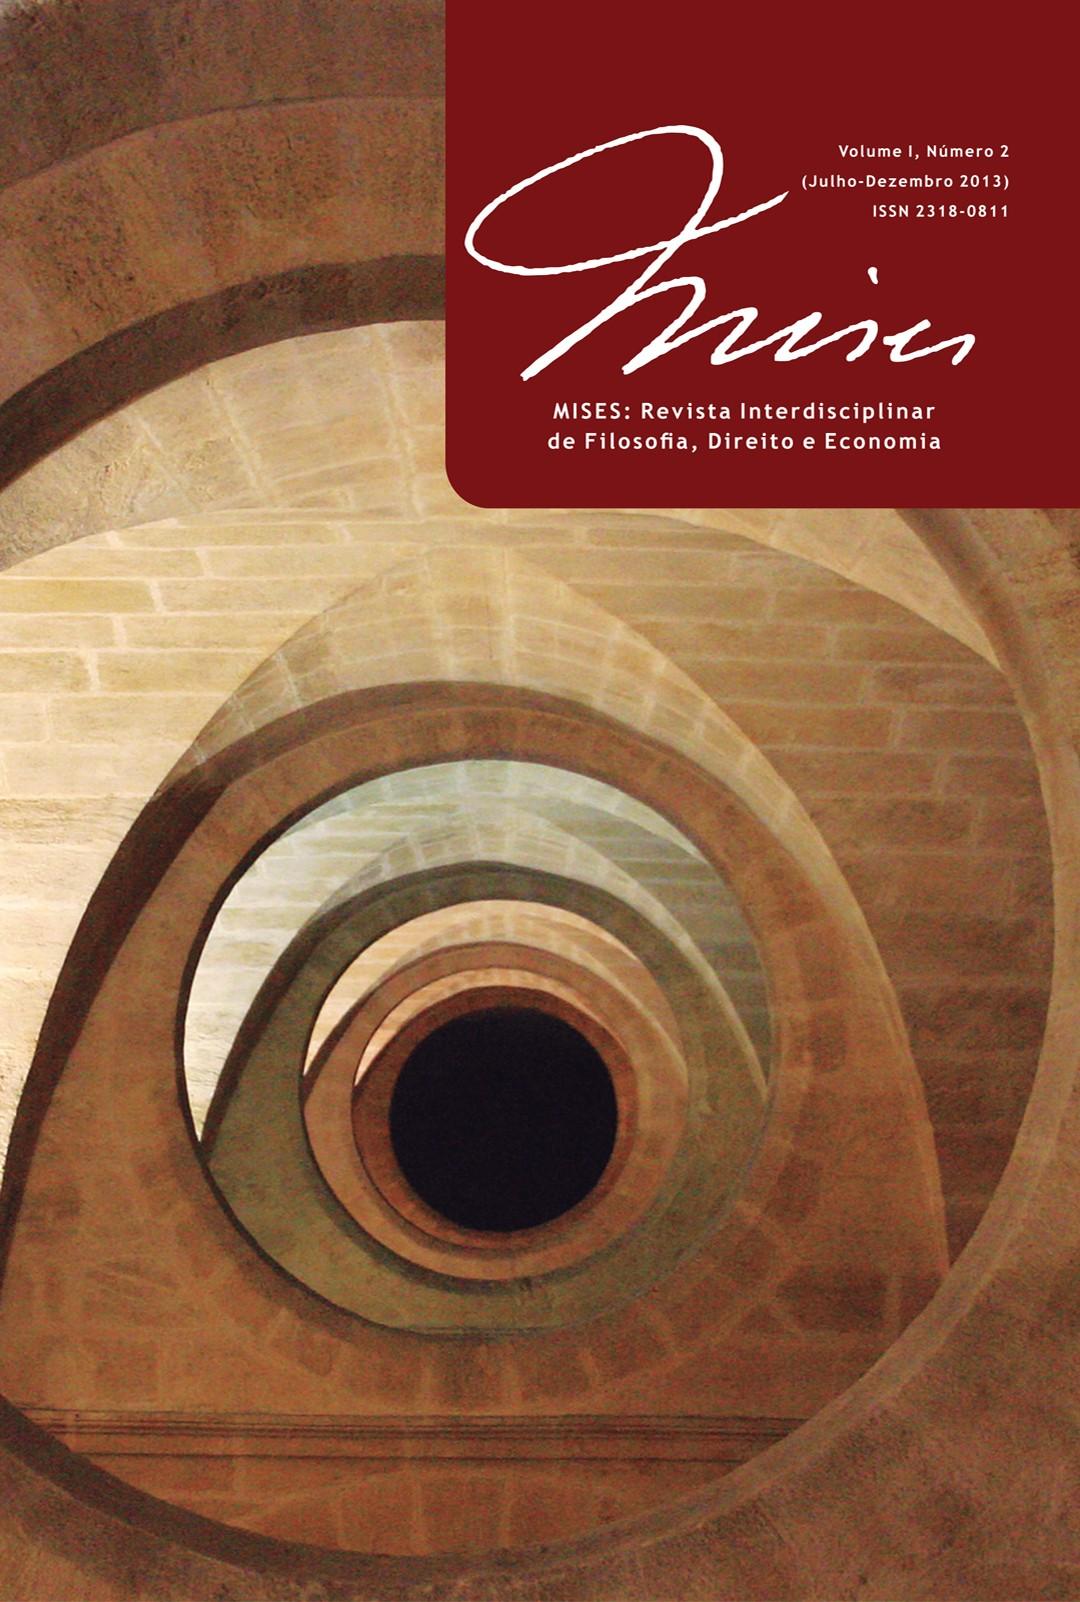 MISES: Revista Interdisciplinar de Filos., Dir. e Econ. Vol. I, Nº 2